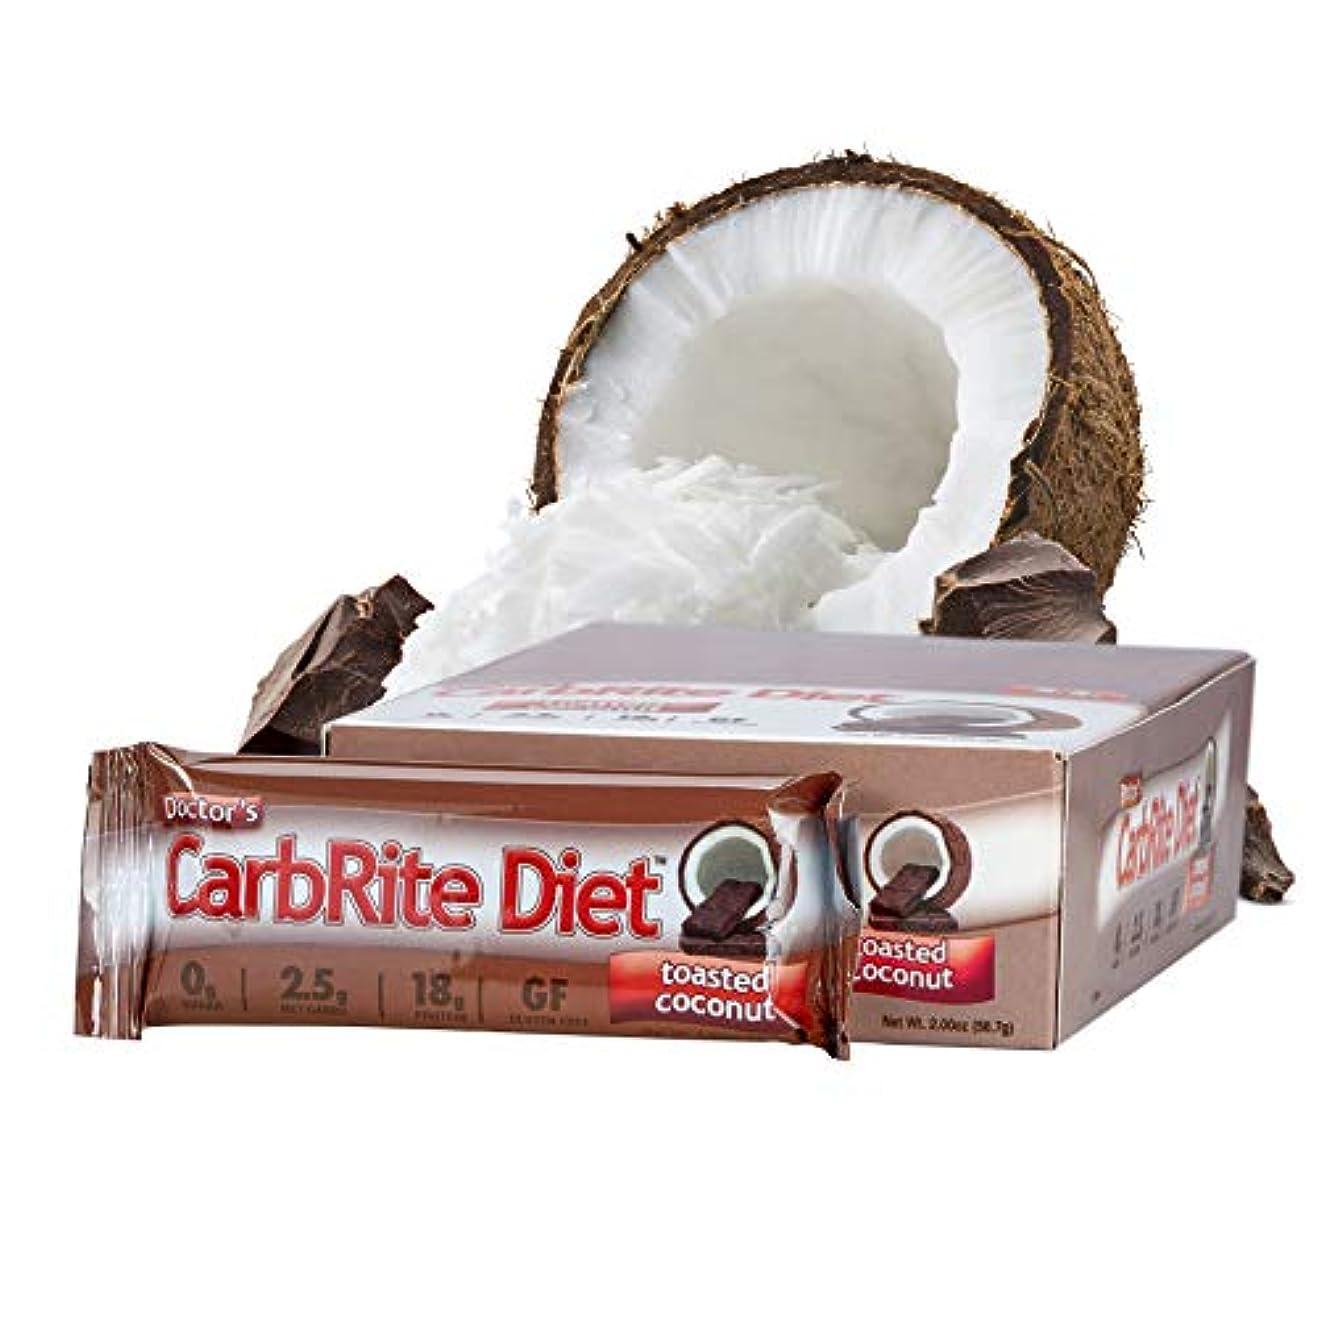 本部細心のファイナンスUniversal Nutrition - Doctor's CarbRite ダイエット バー ボックス トースト ココナッツ - 1バー